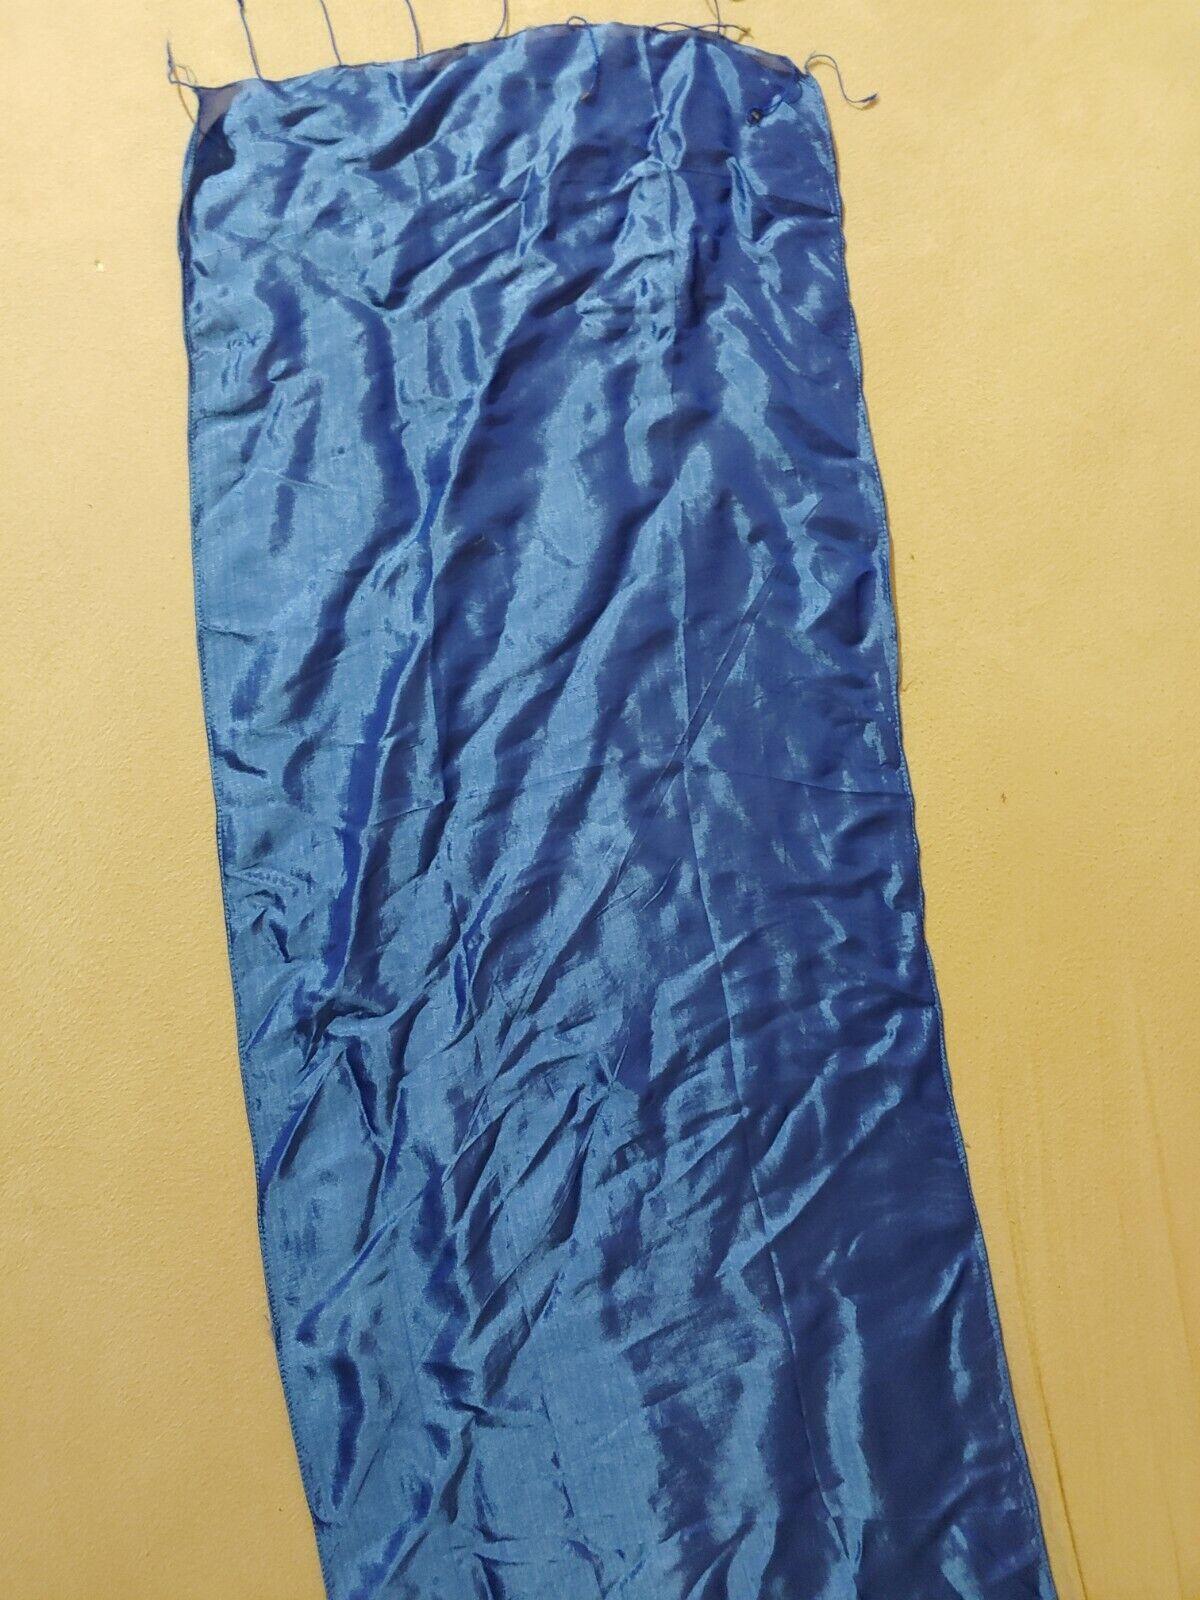 Seidentuch, Seidenschal blau, 100% Seide, 1, 63 m × ca. 40 cm blau.